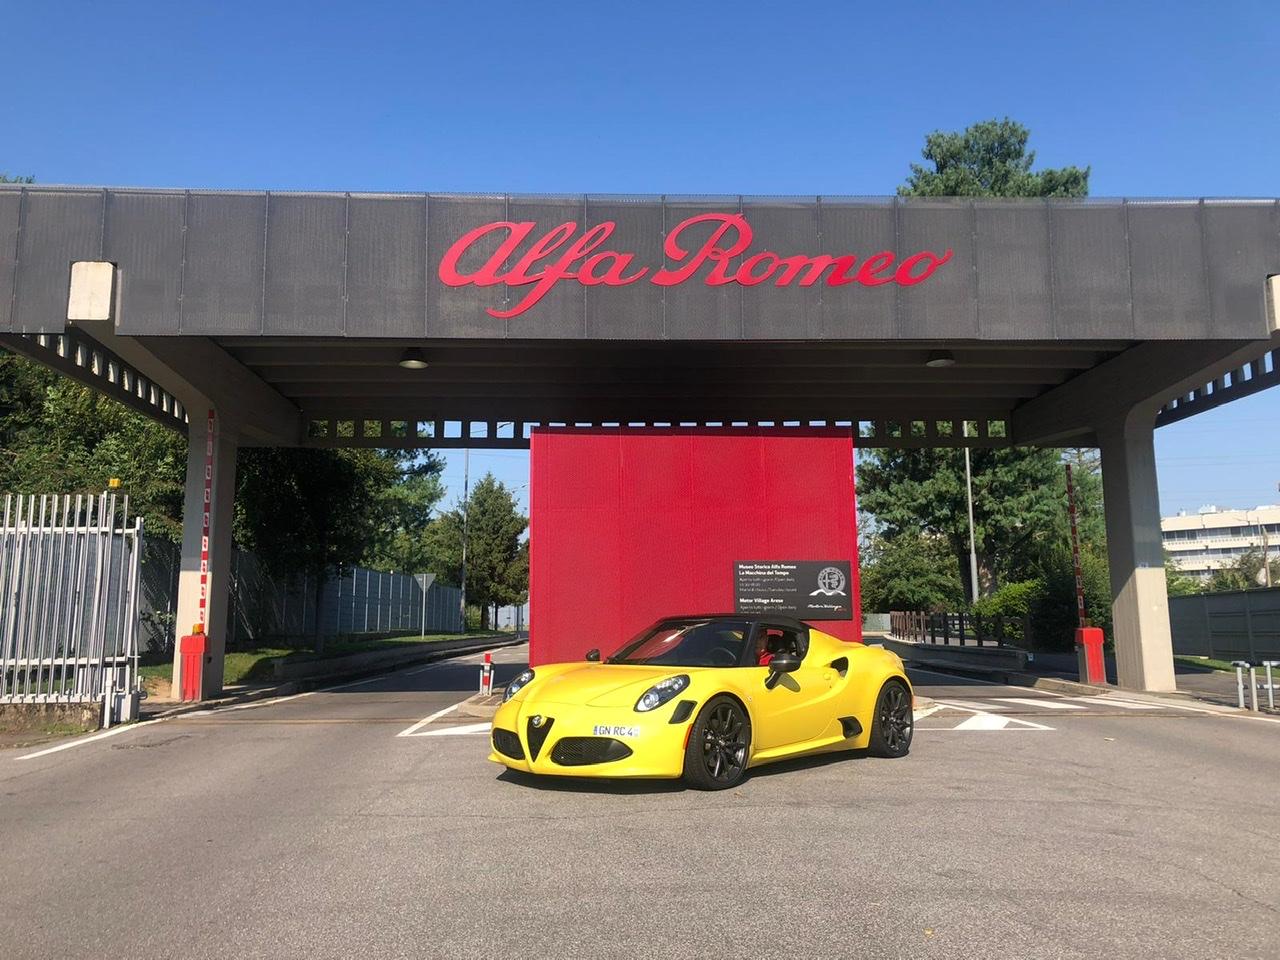 Alfa Romeo feiert 110. Geburtstag in Arese / Italien